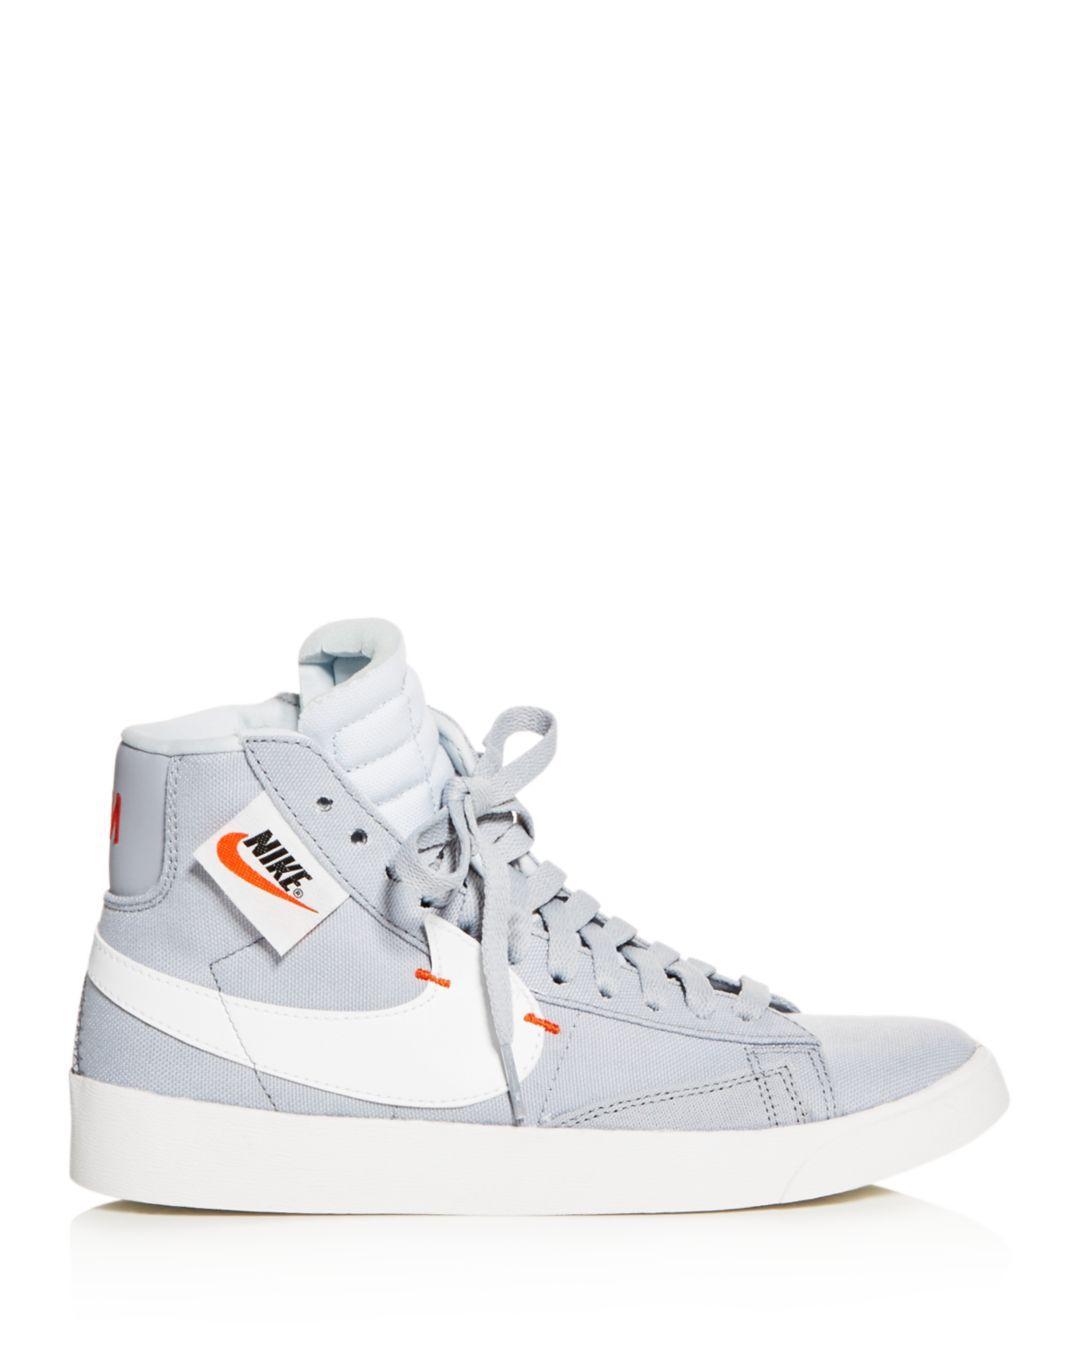 Blazer Women's Sneakers Mid Rebel Top UpLMVzqSG